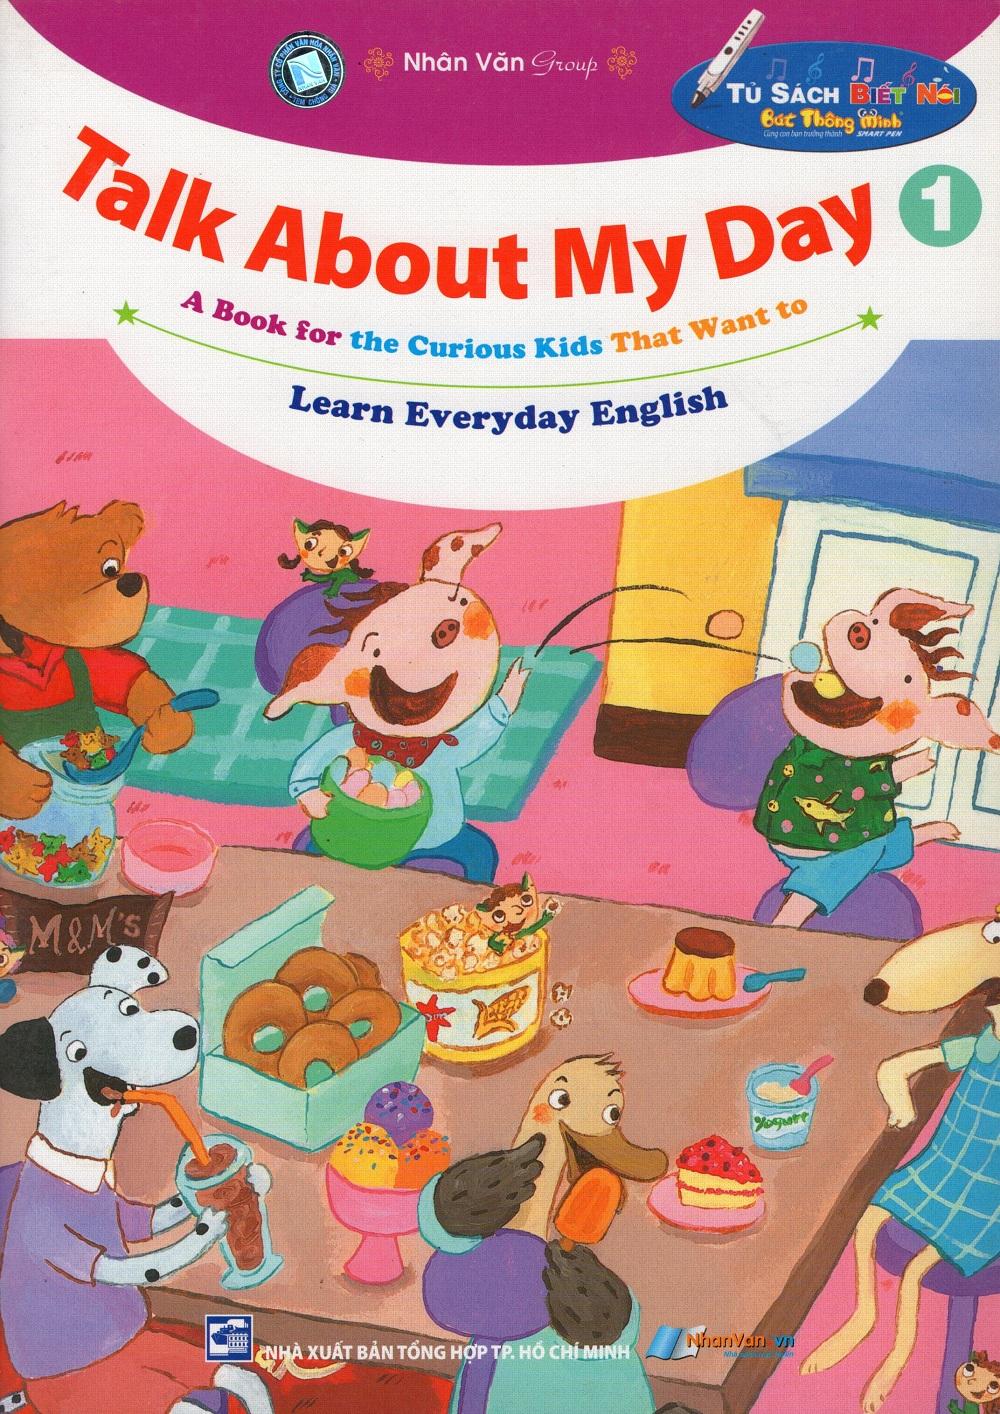 Bìa sách Talk About My Day (Tập 1)